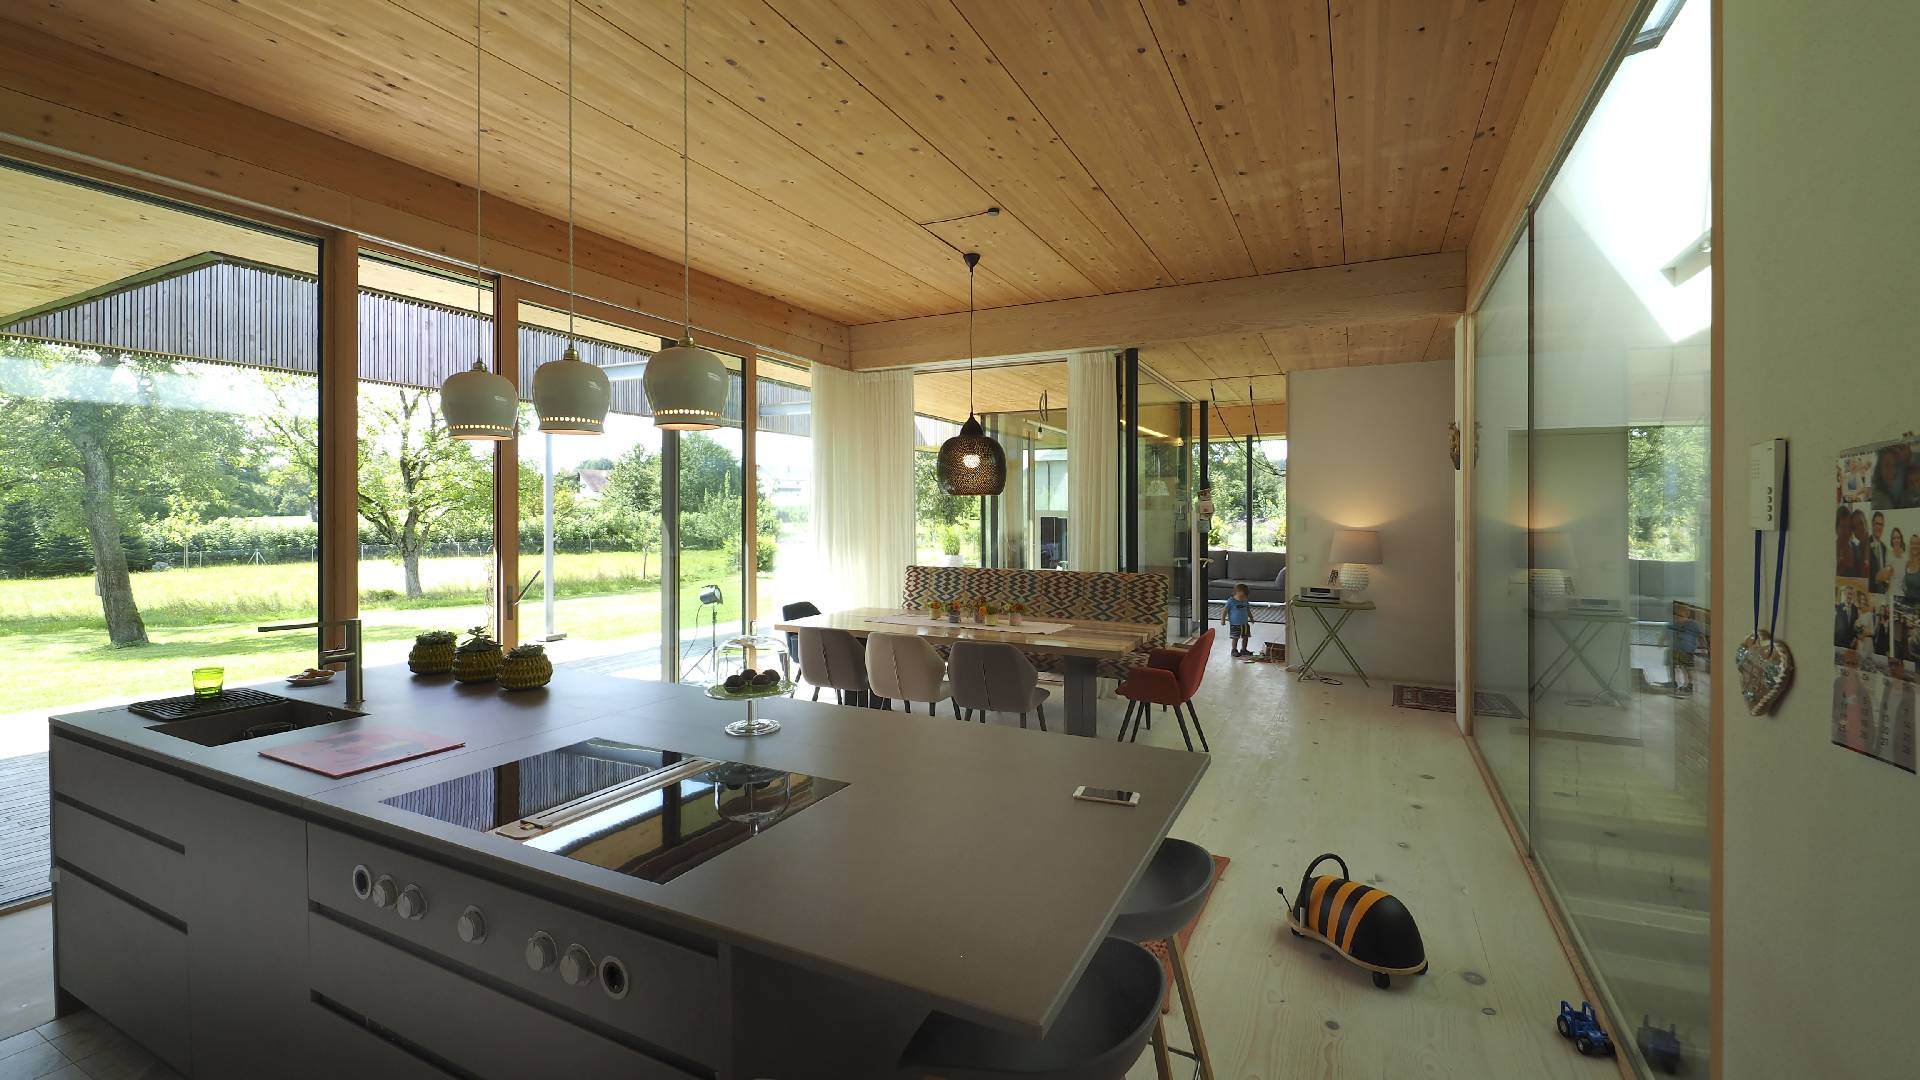 ©Heinz Schmölzer / Innenansicht Küche und Essbereich